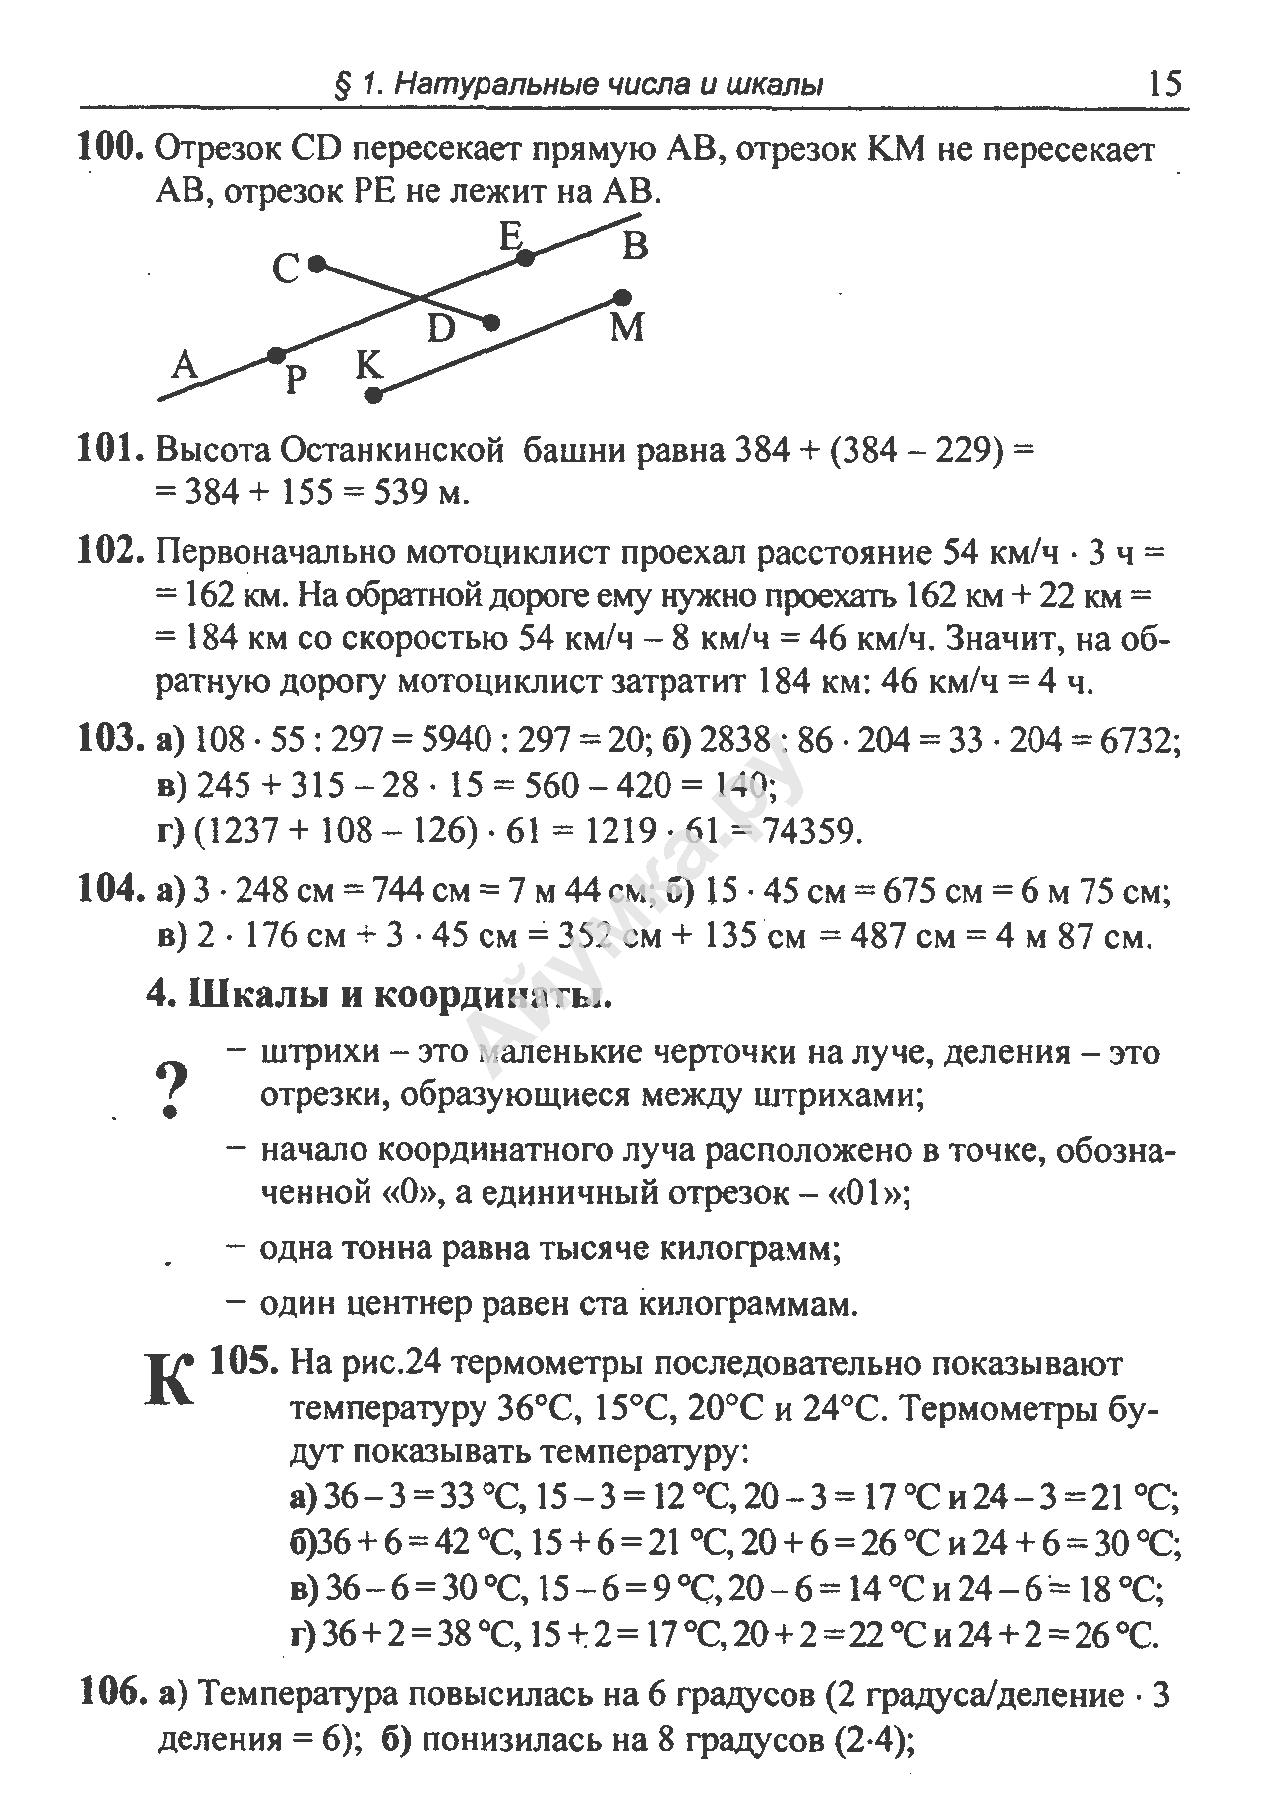 Гдз география 11 класс максаковский doc